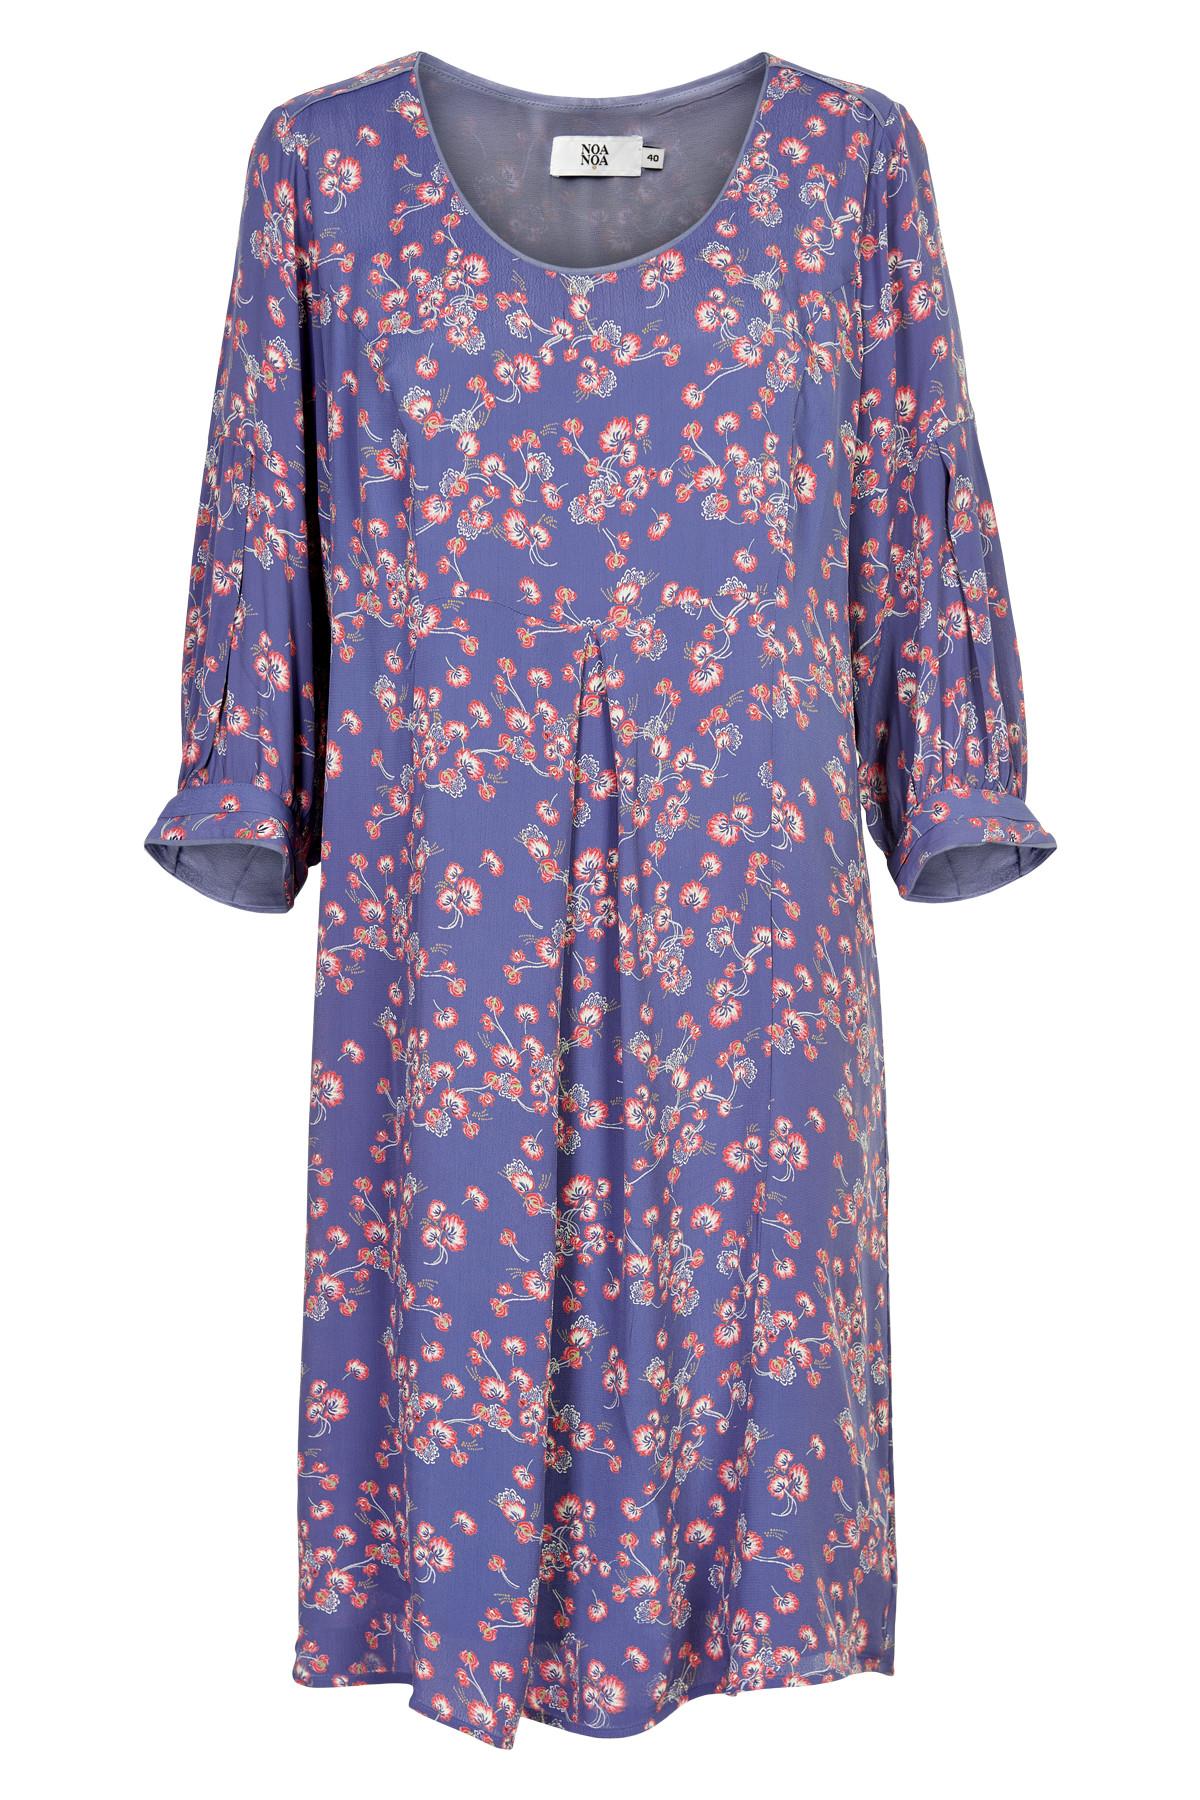 e29b9486916 Official Noa Noa Webshop ⎥Shop Noa Noa fashion clothing online